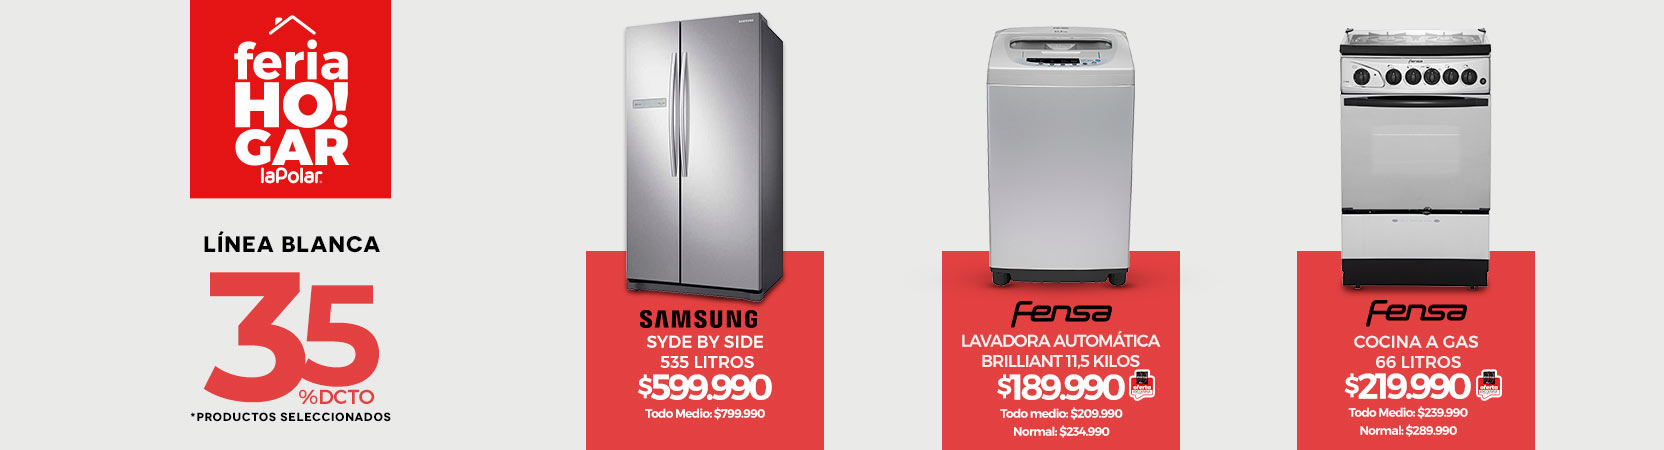 Feria Hogar   35% dcto. en Línea Blanca *Productos Seleccionados   Refrigerador Samsung Side by Side RS54N3003SL 535 lt.